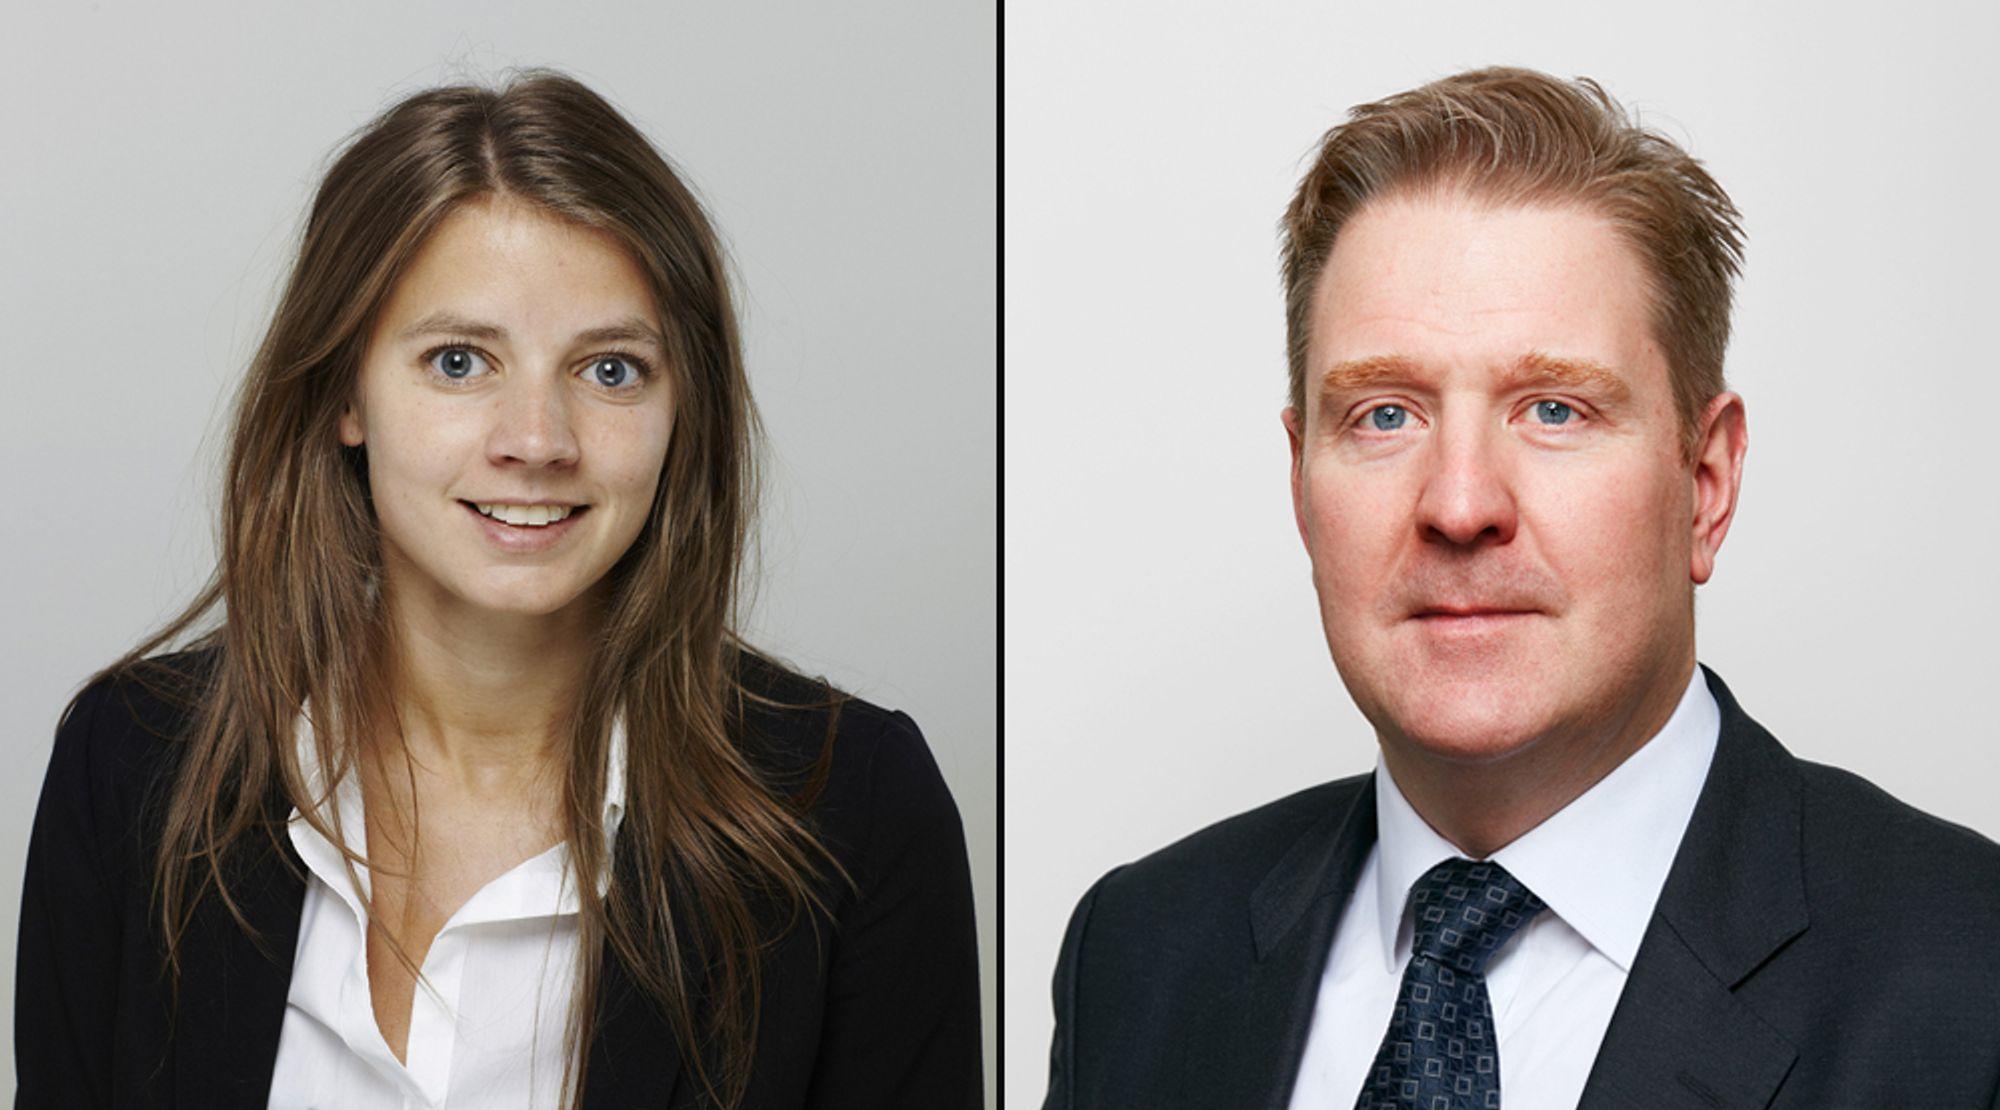 Arbeidsrettsadvokatene Anja Lange og Hans Jørgen Bender i advokatfirmaet Selmer jobber med å rådgi bedrifter som planlegger den store gjenåpningen etter pandemien.